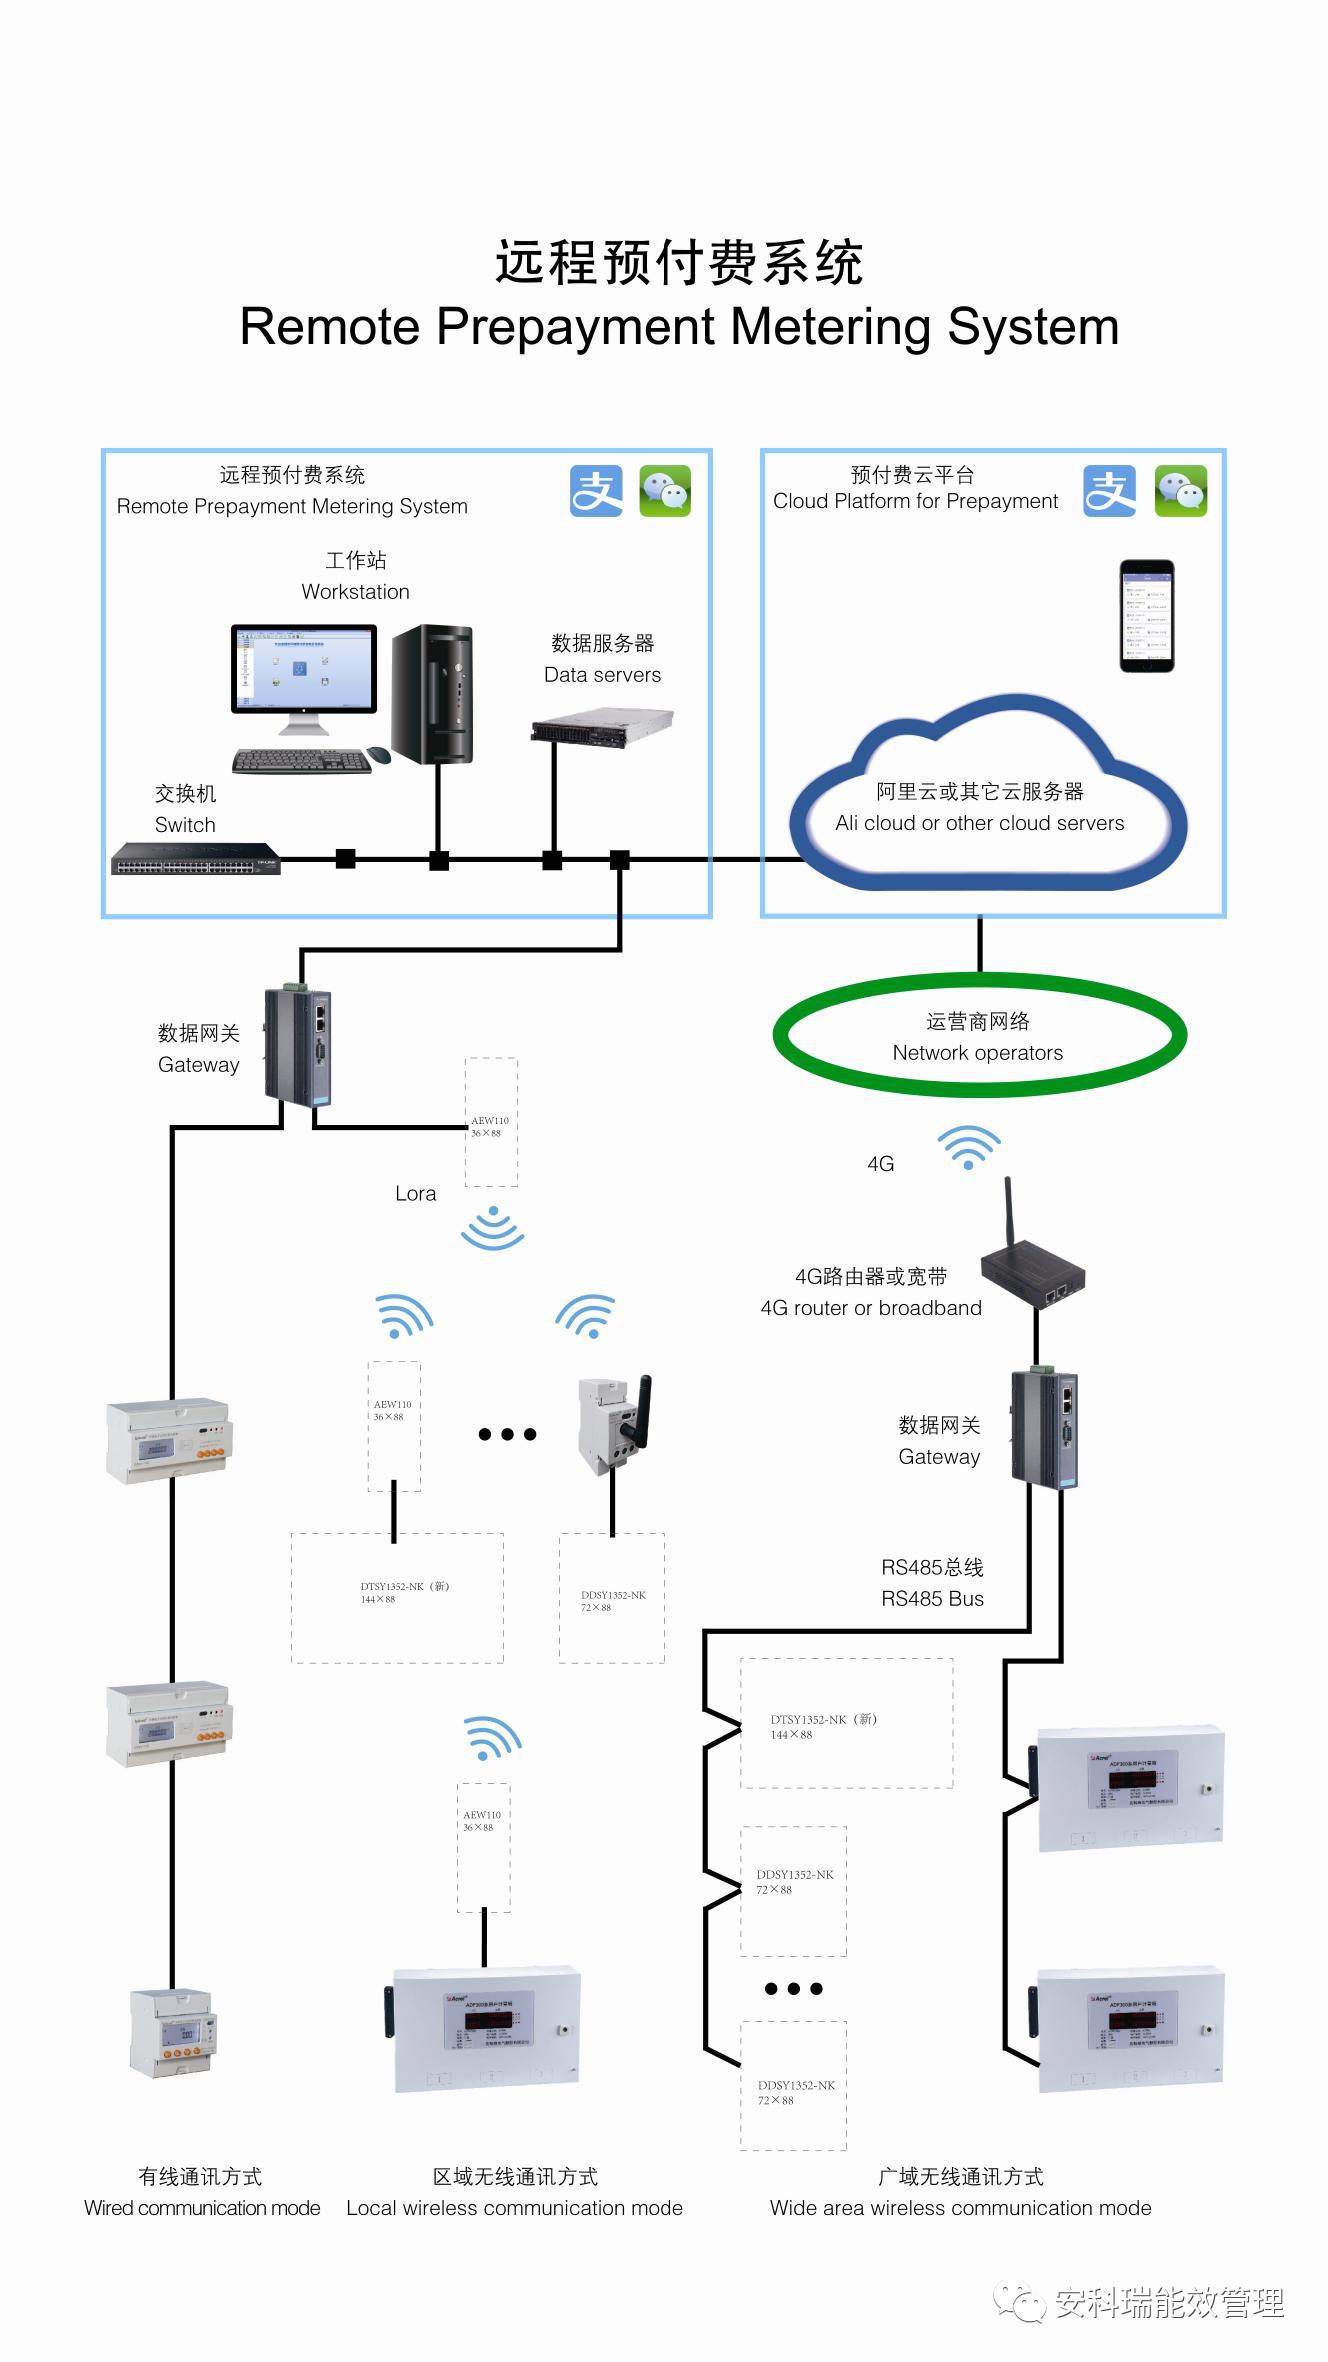 安科瑞水电一体化远程预付费云平台